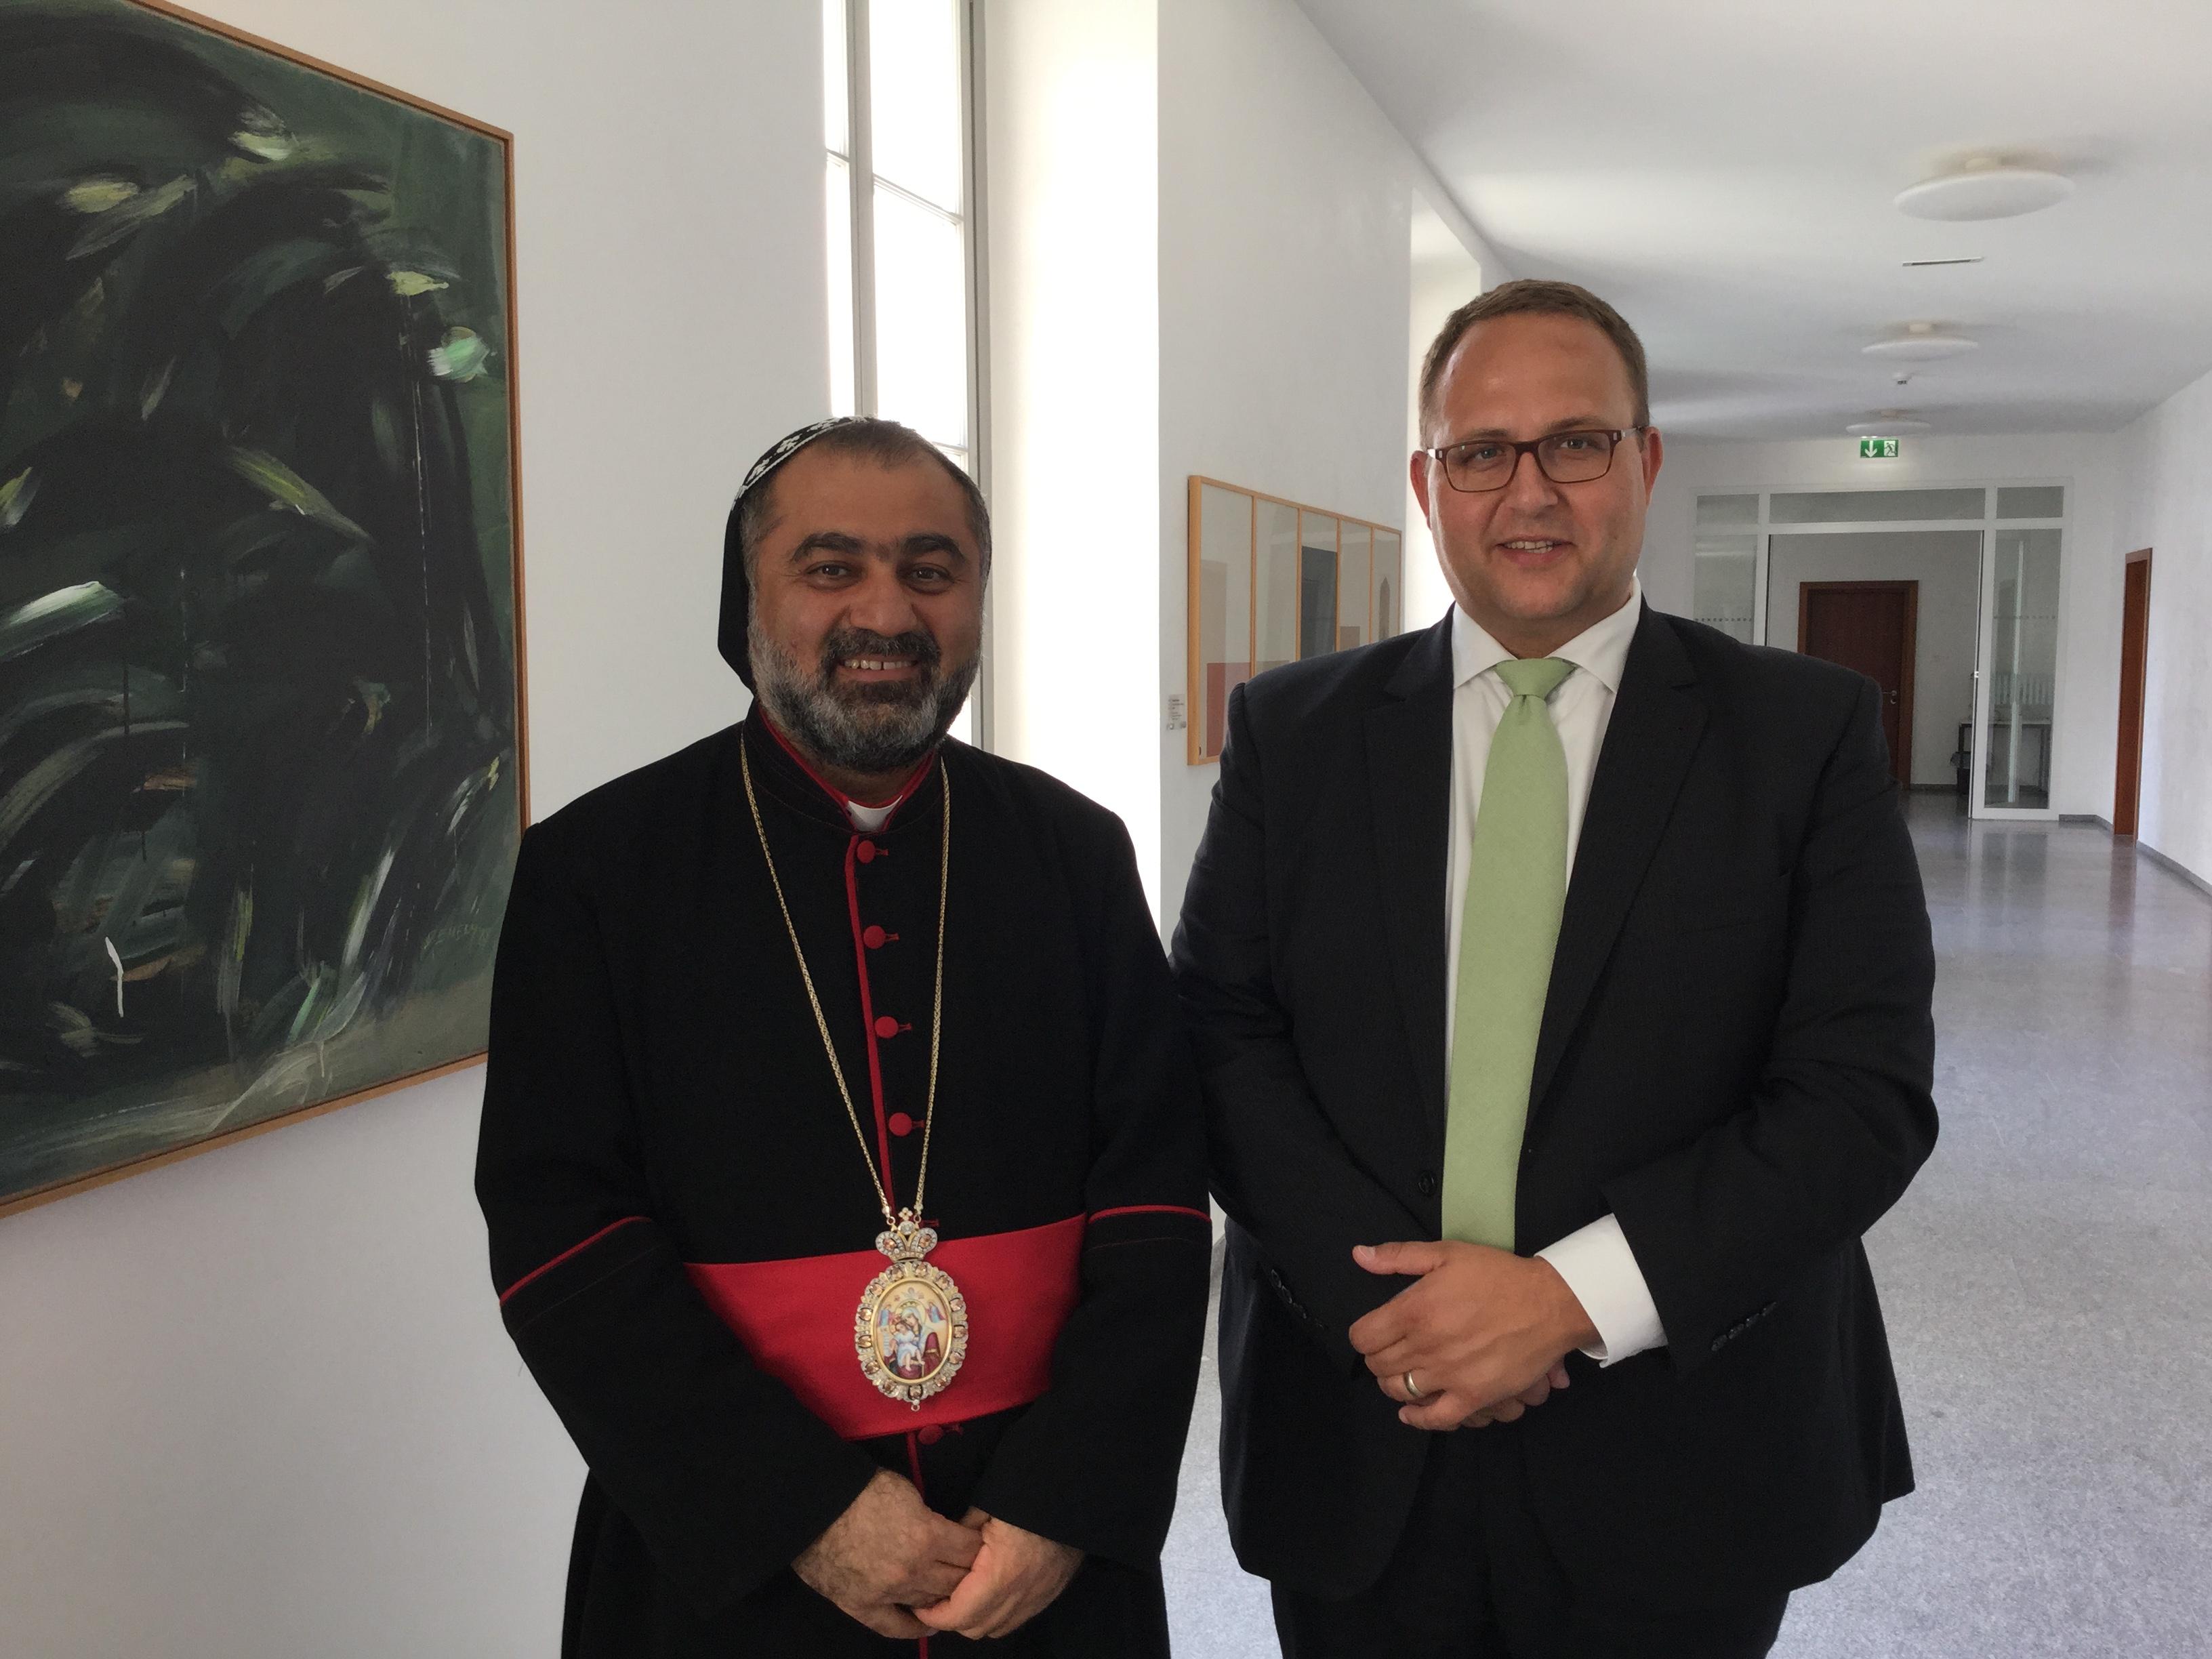 Il presidente del Consiglio di Stato incontra il vescovo siro-ortodosso di Zahle (Libano)